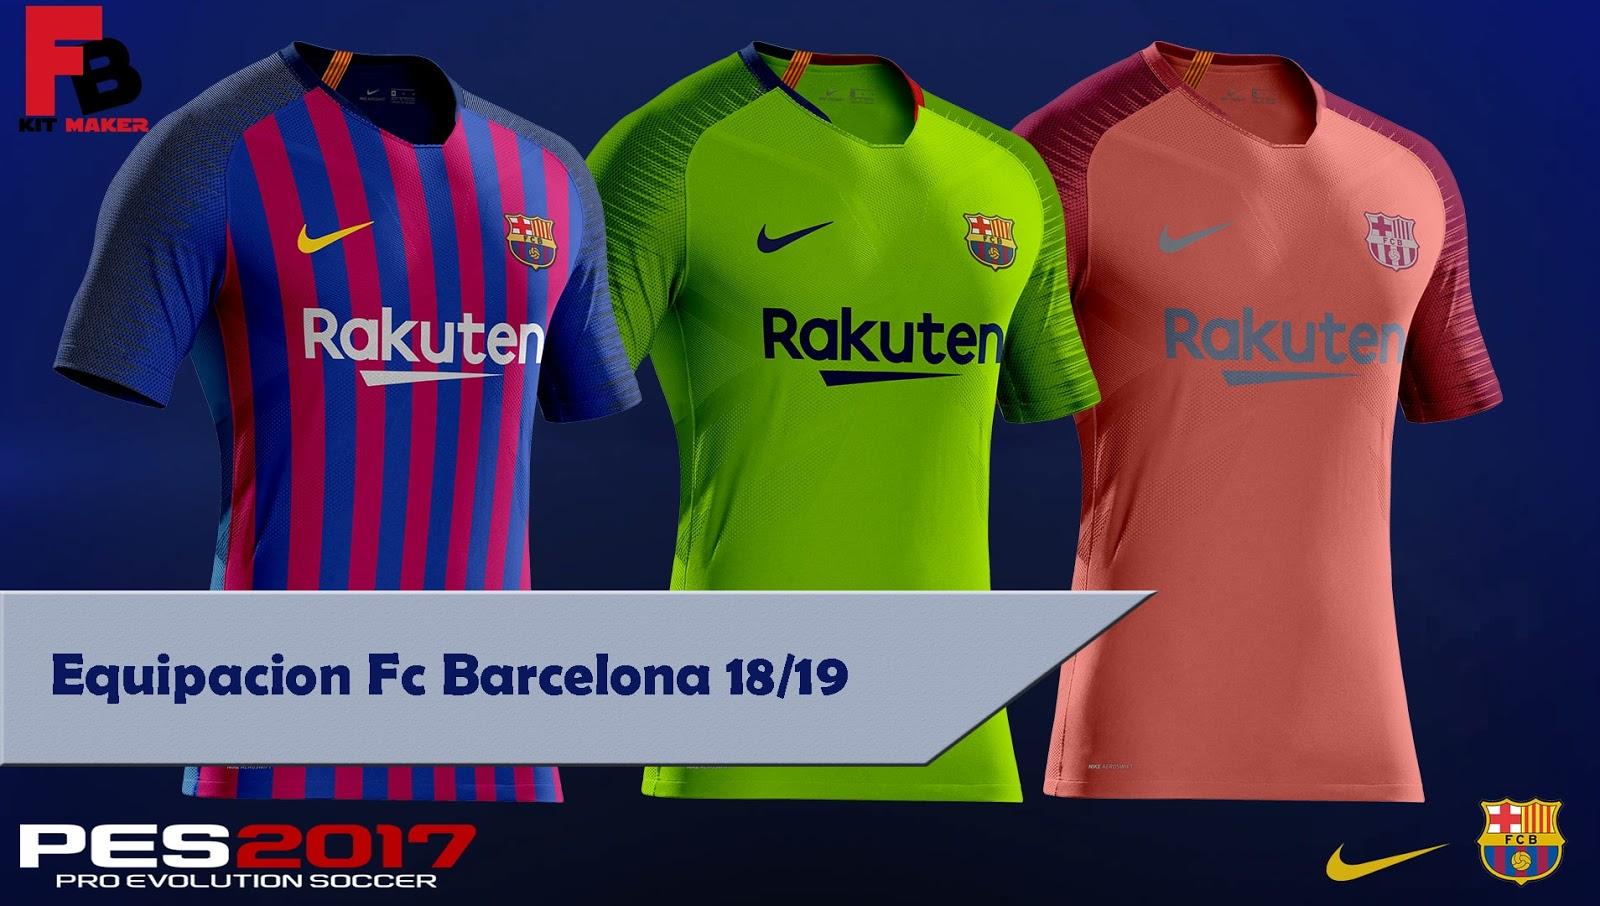 PES 2017 Barcelona 18/19 Kits by PES WORLD PATCH